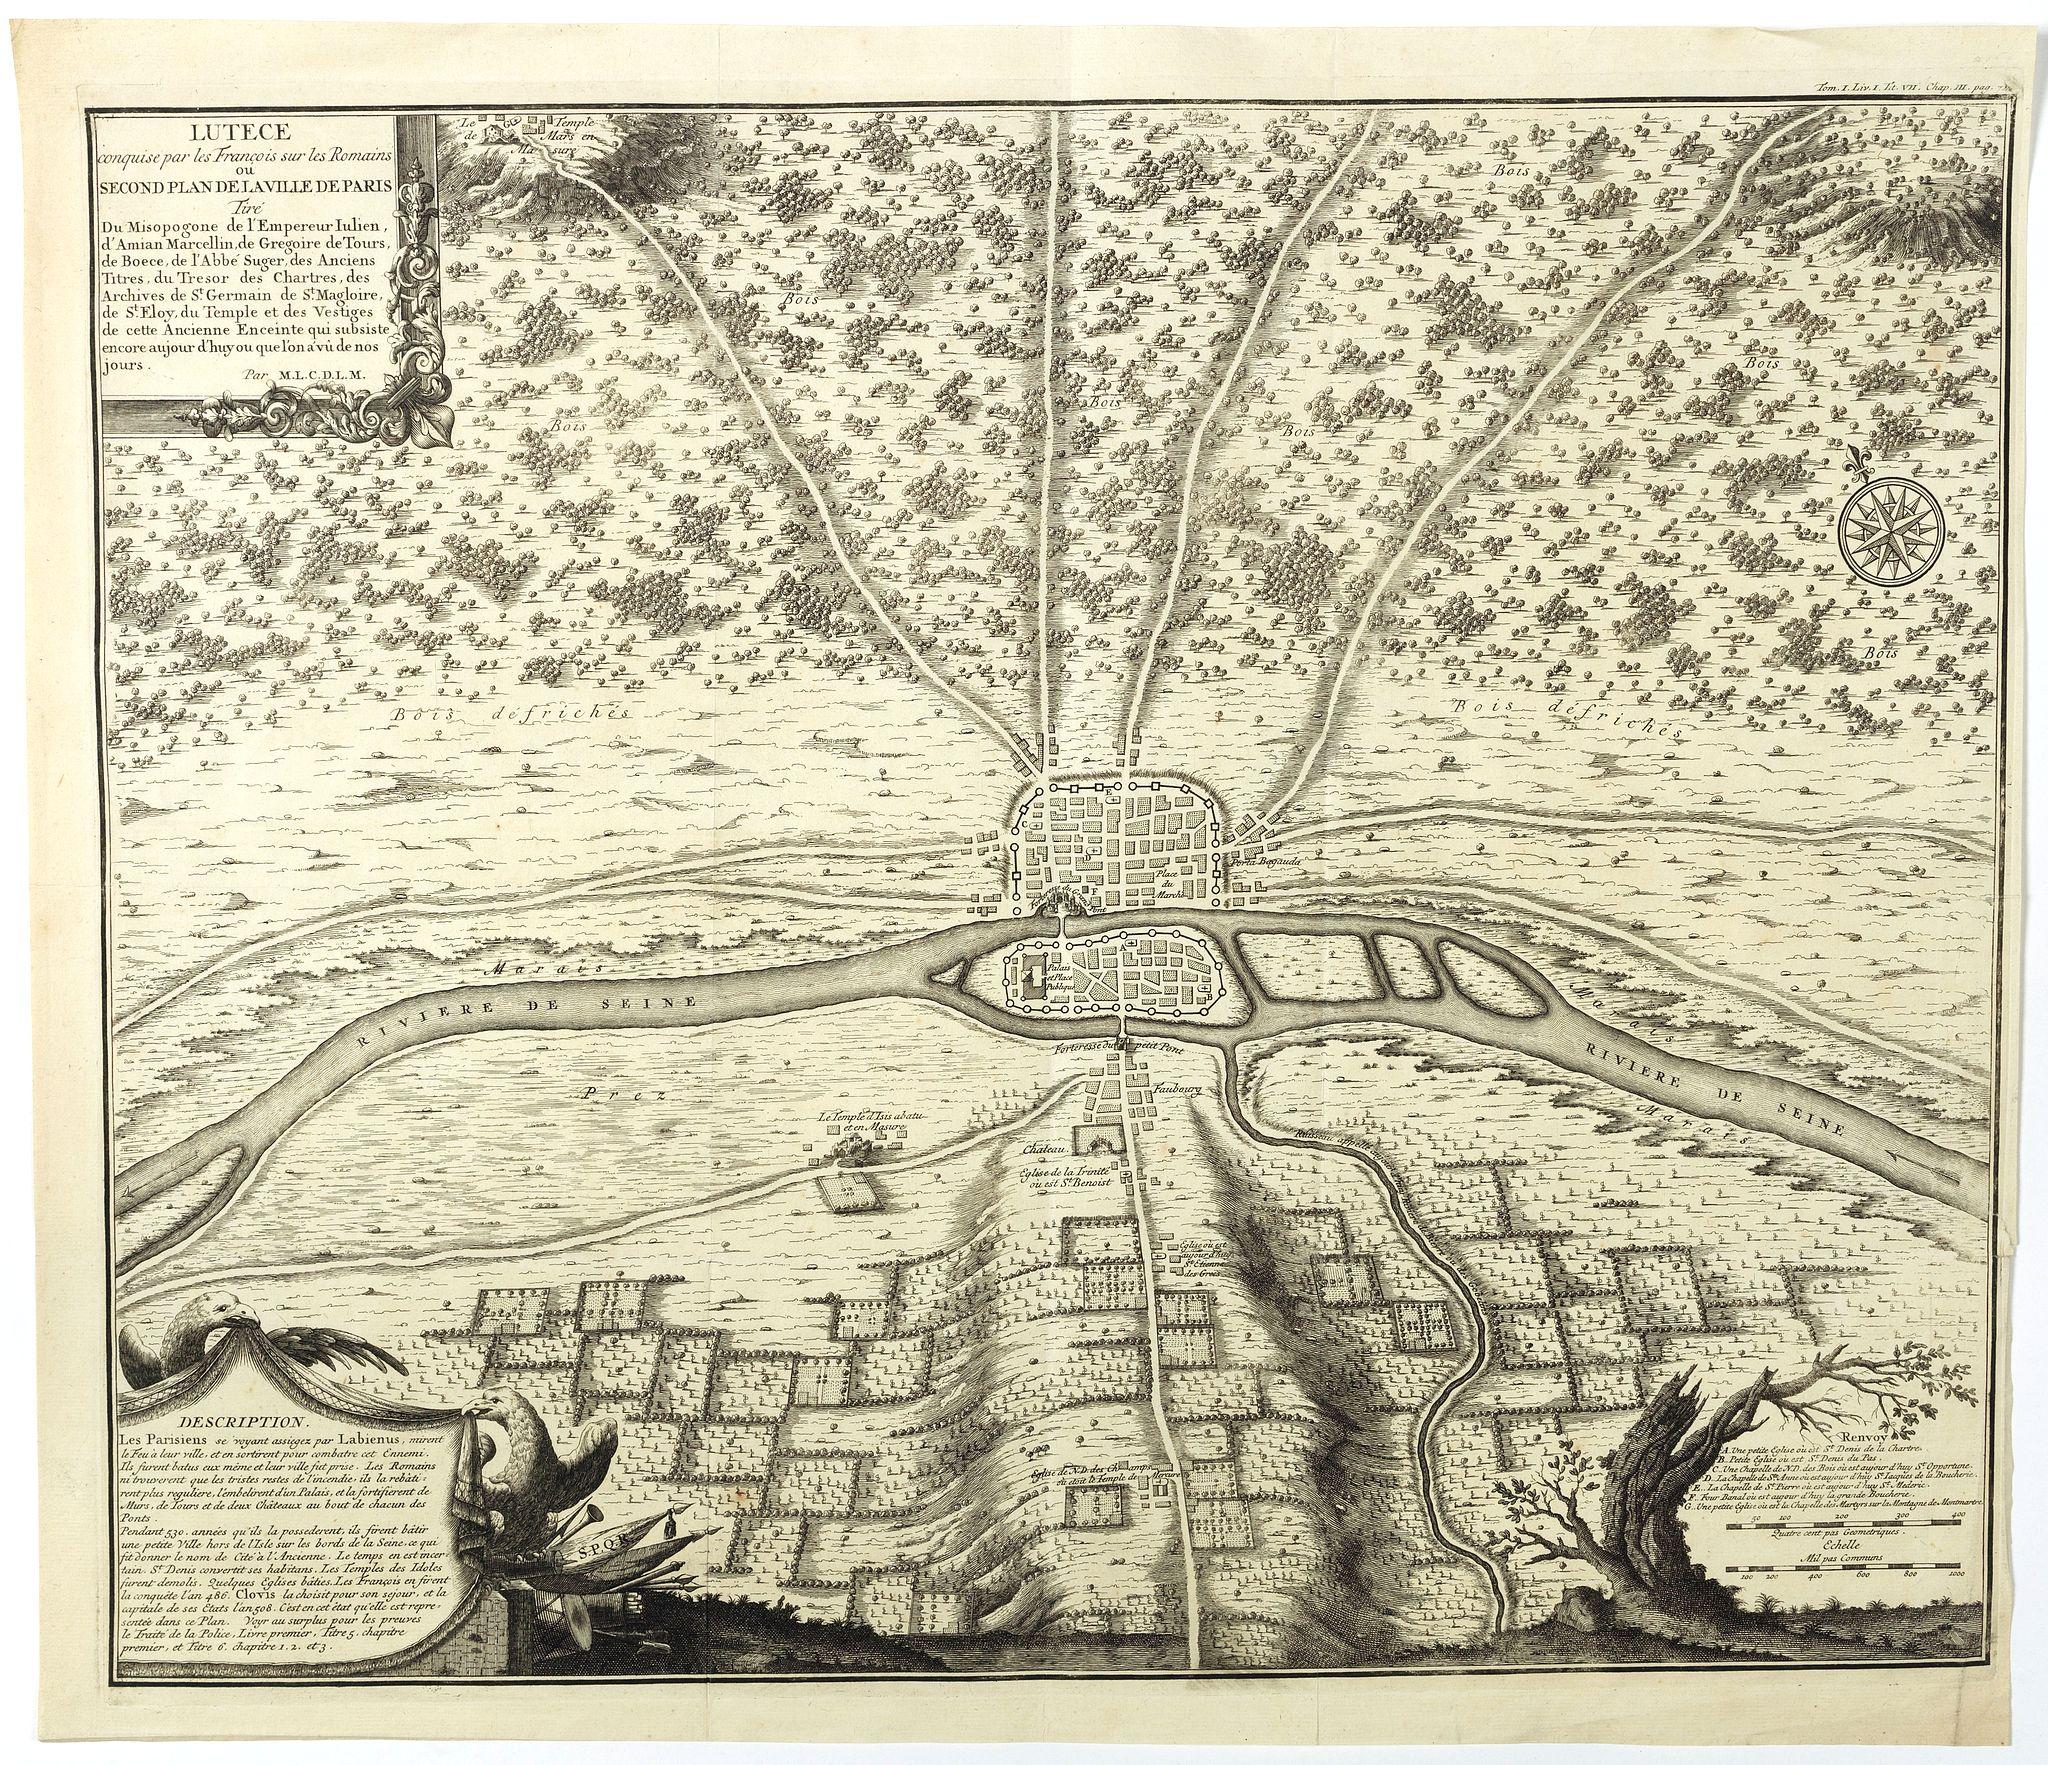 DE LA MARE, N.de -  Lutece conquise par les François sur les Romains ou second plan de la ville de Paris [...] par M.L.C.D.L.M.